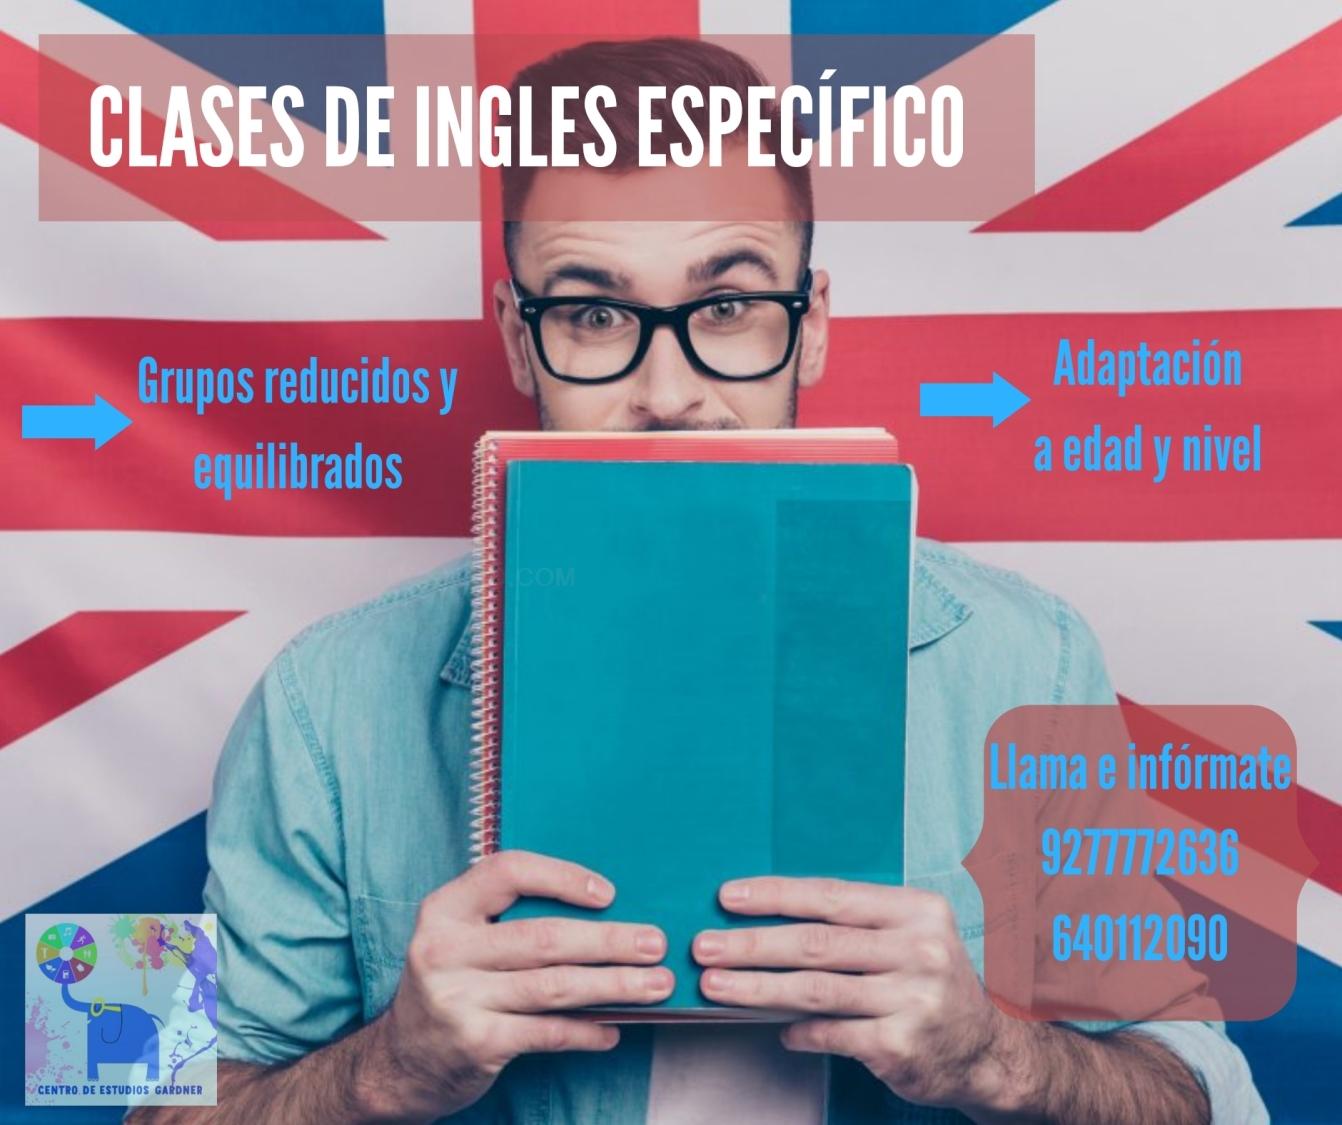 Clases de Inglés específico